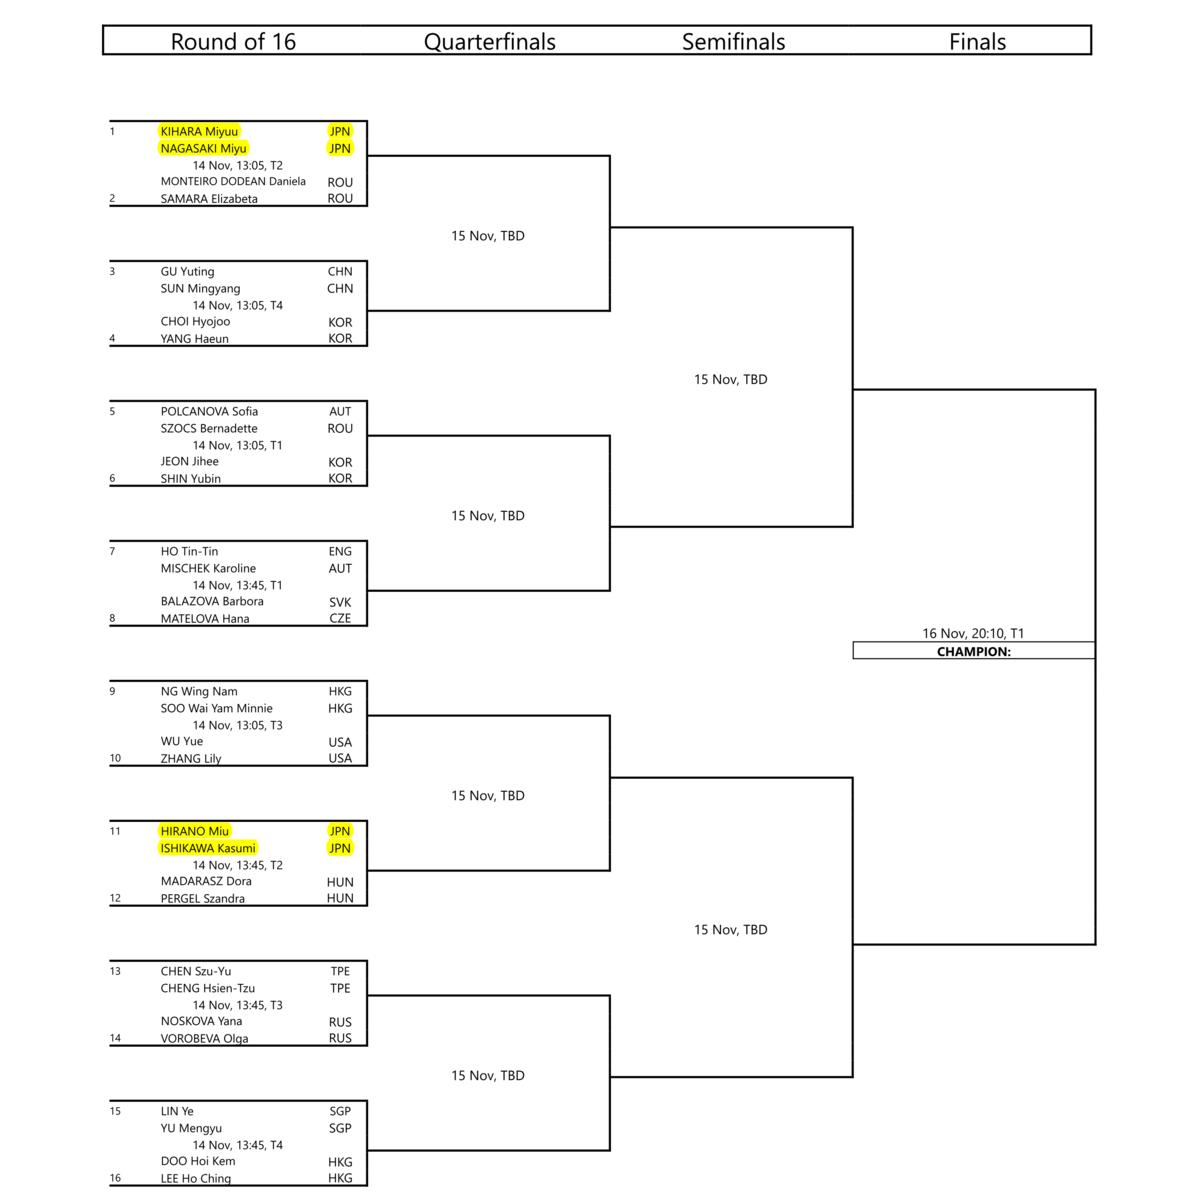 女子ダブルスメインドロー|卓球ワールドツアープラチナ・オーストリアオープン